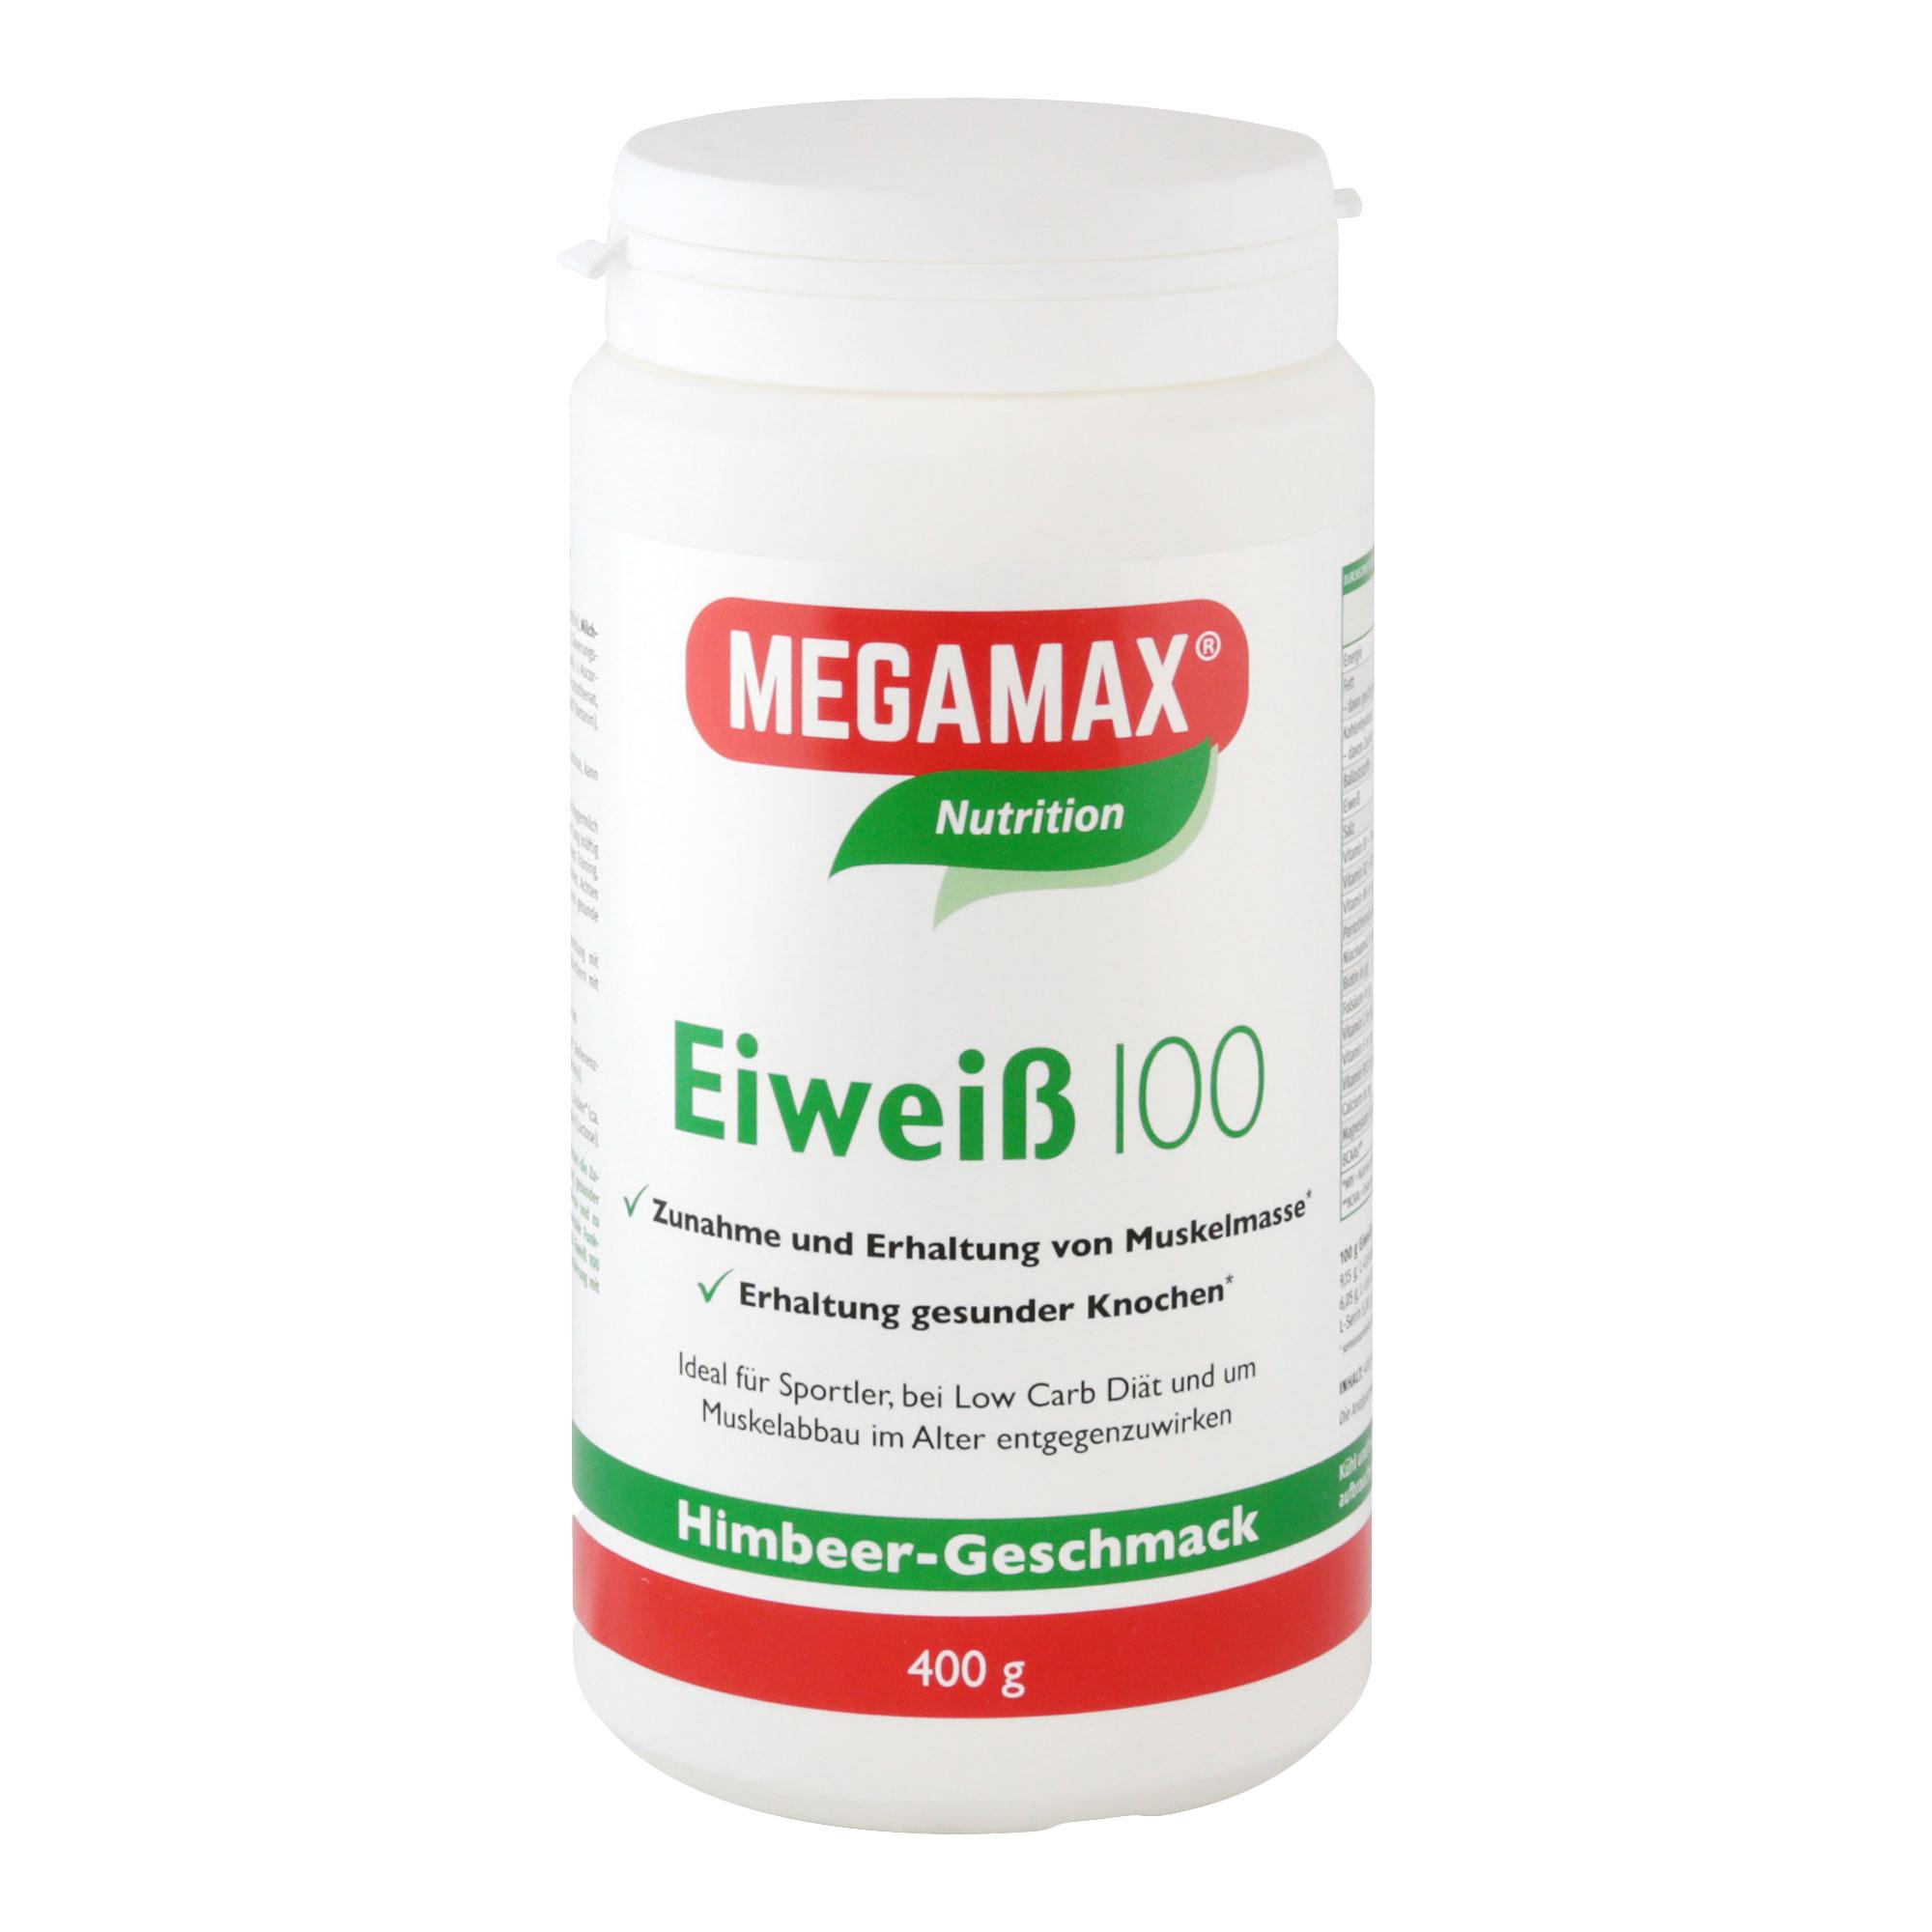 MegaMax Eiweiß 100 Himbeer-Quark